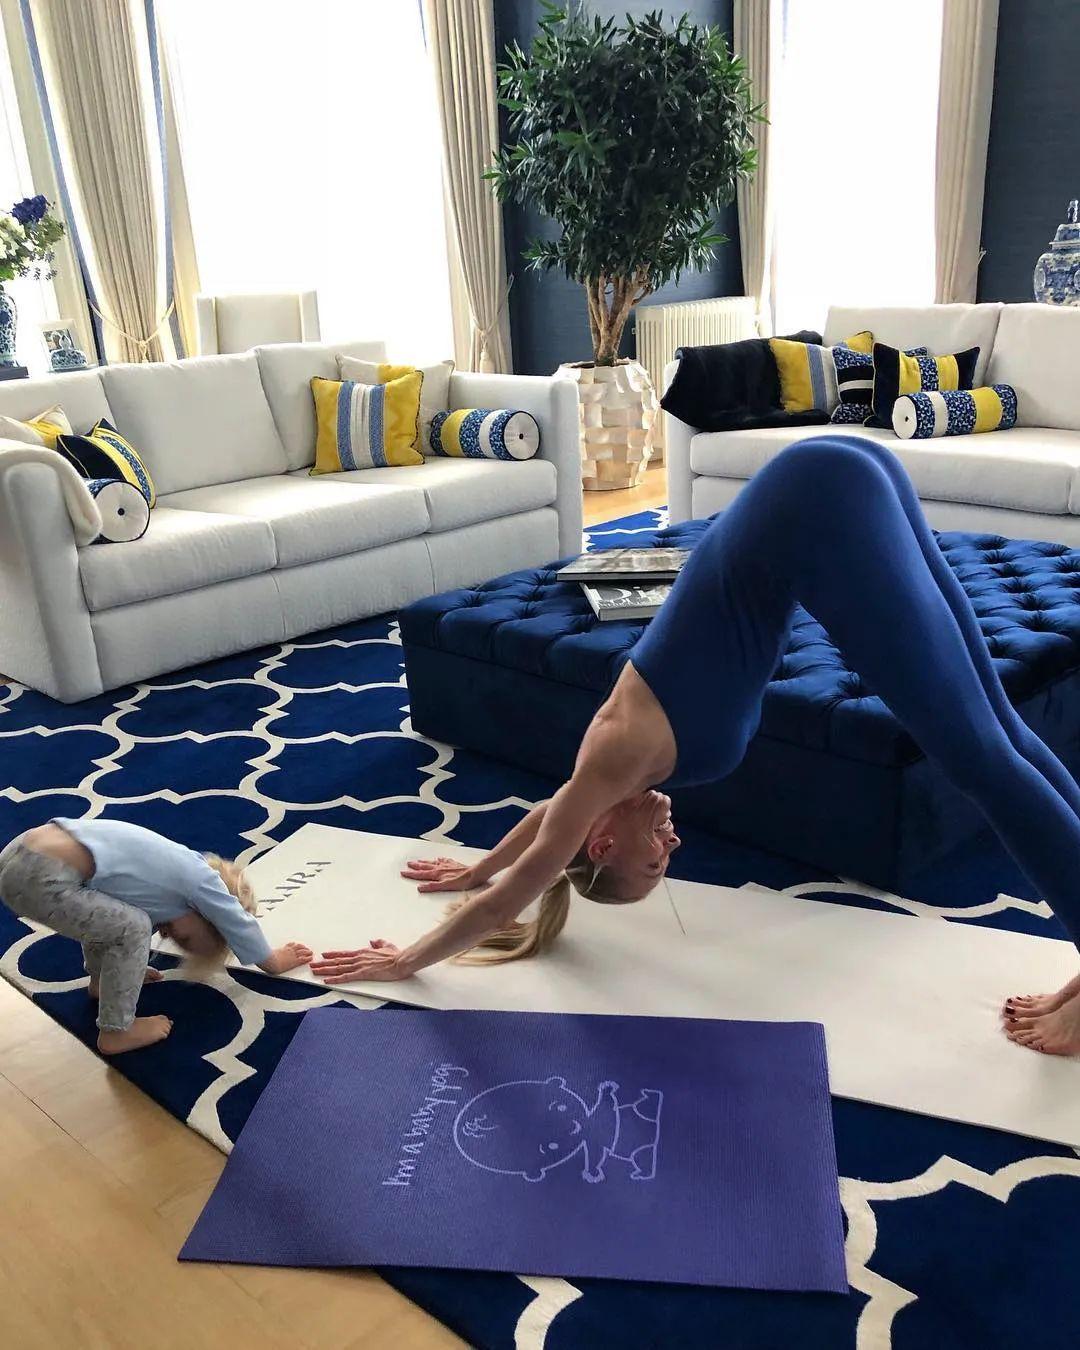 39岁俄罗斯妈妈爆红ins!她生完三胎的身材,简直让人意想不到...